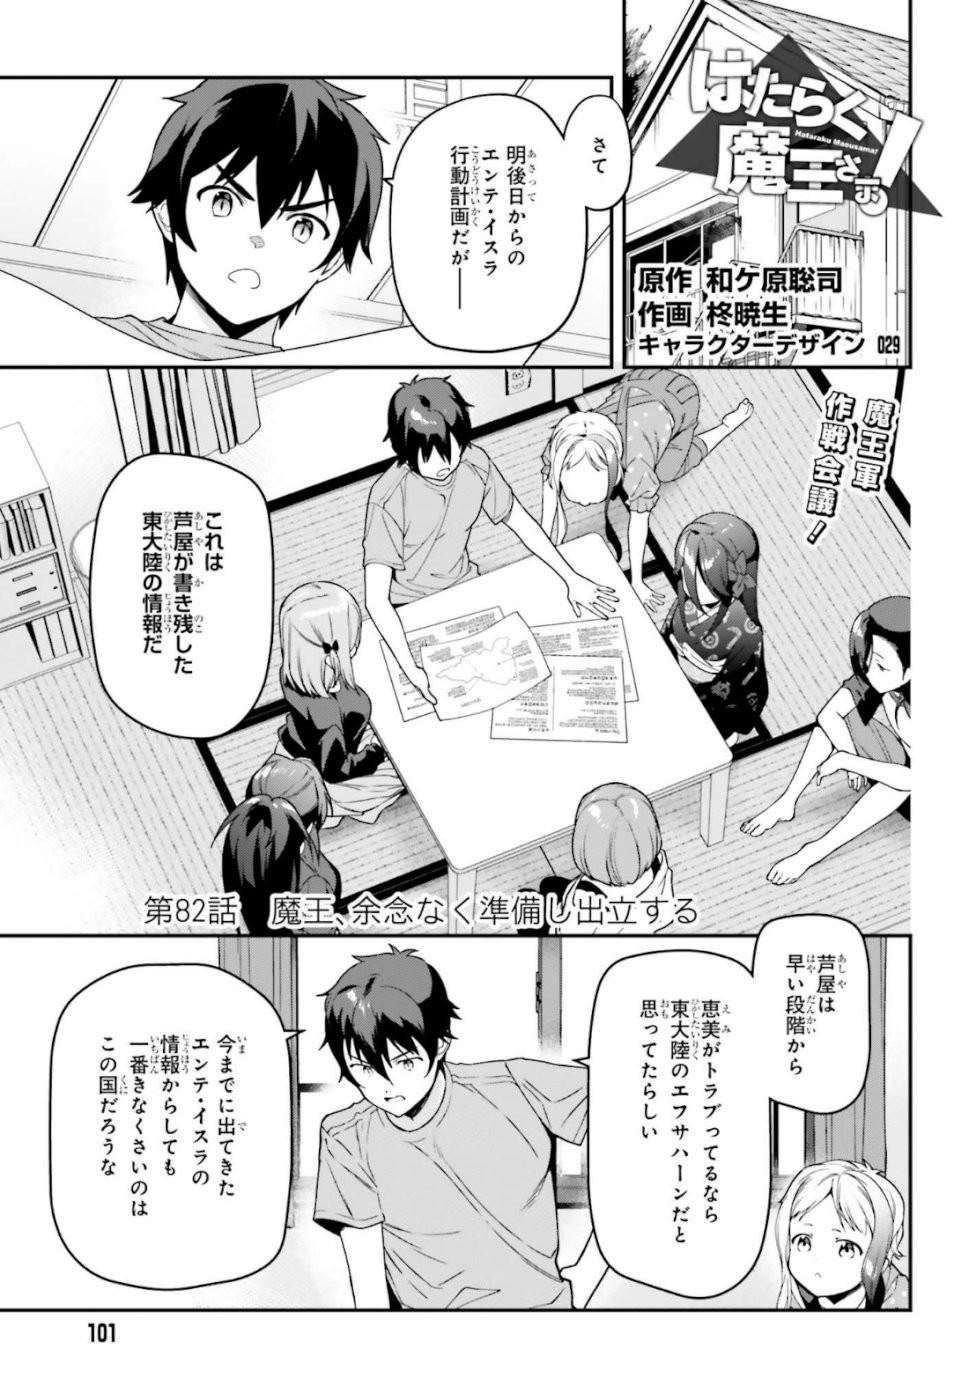 Hataraku Maousama! - Chapter 82 - Page 1